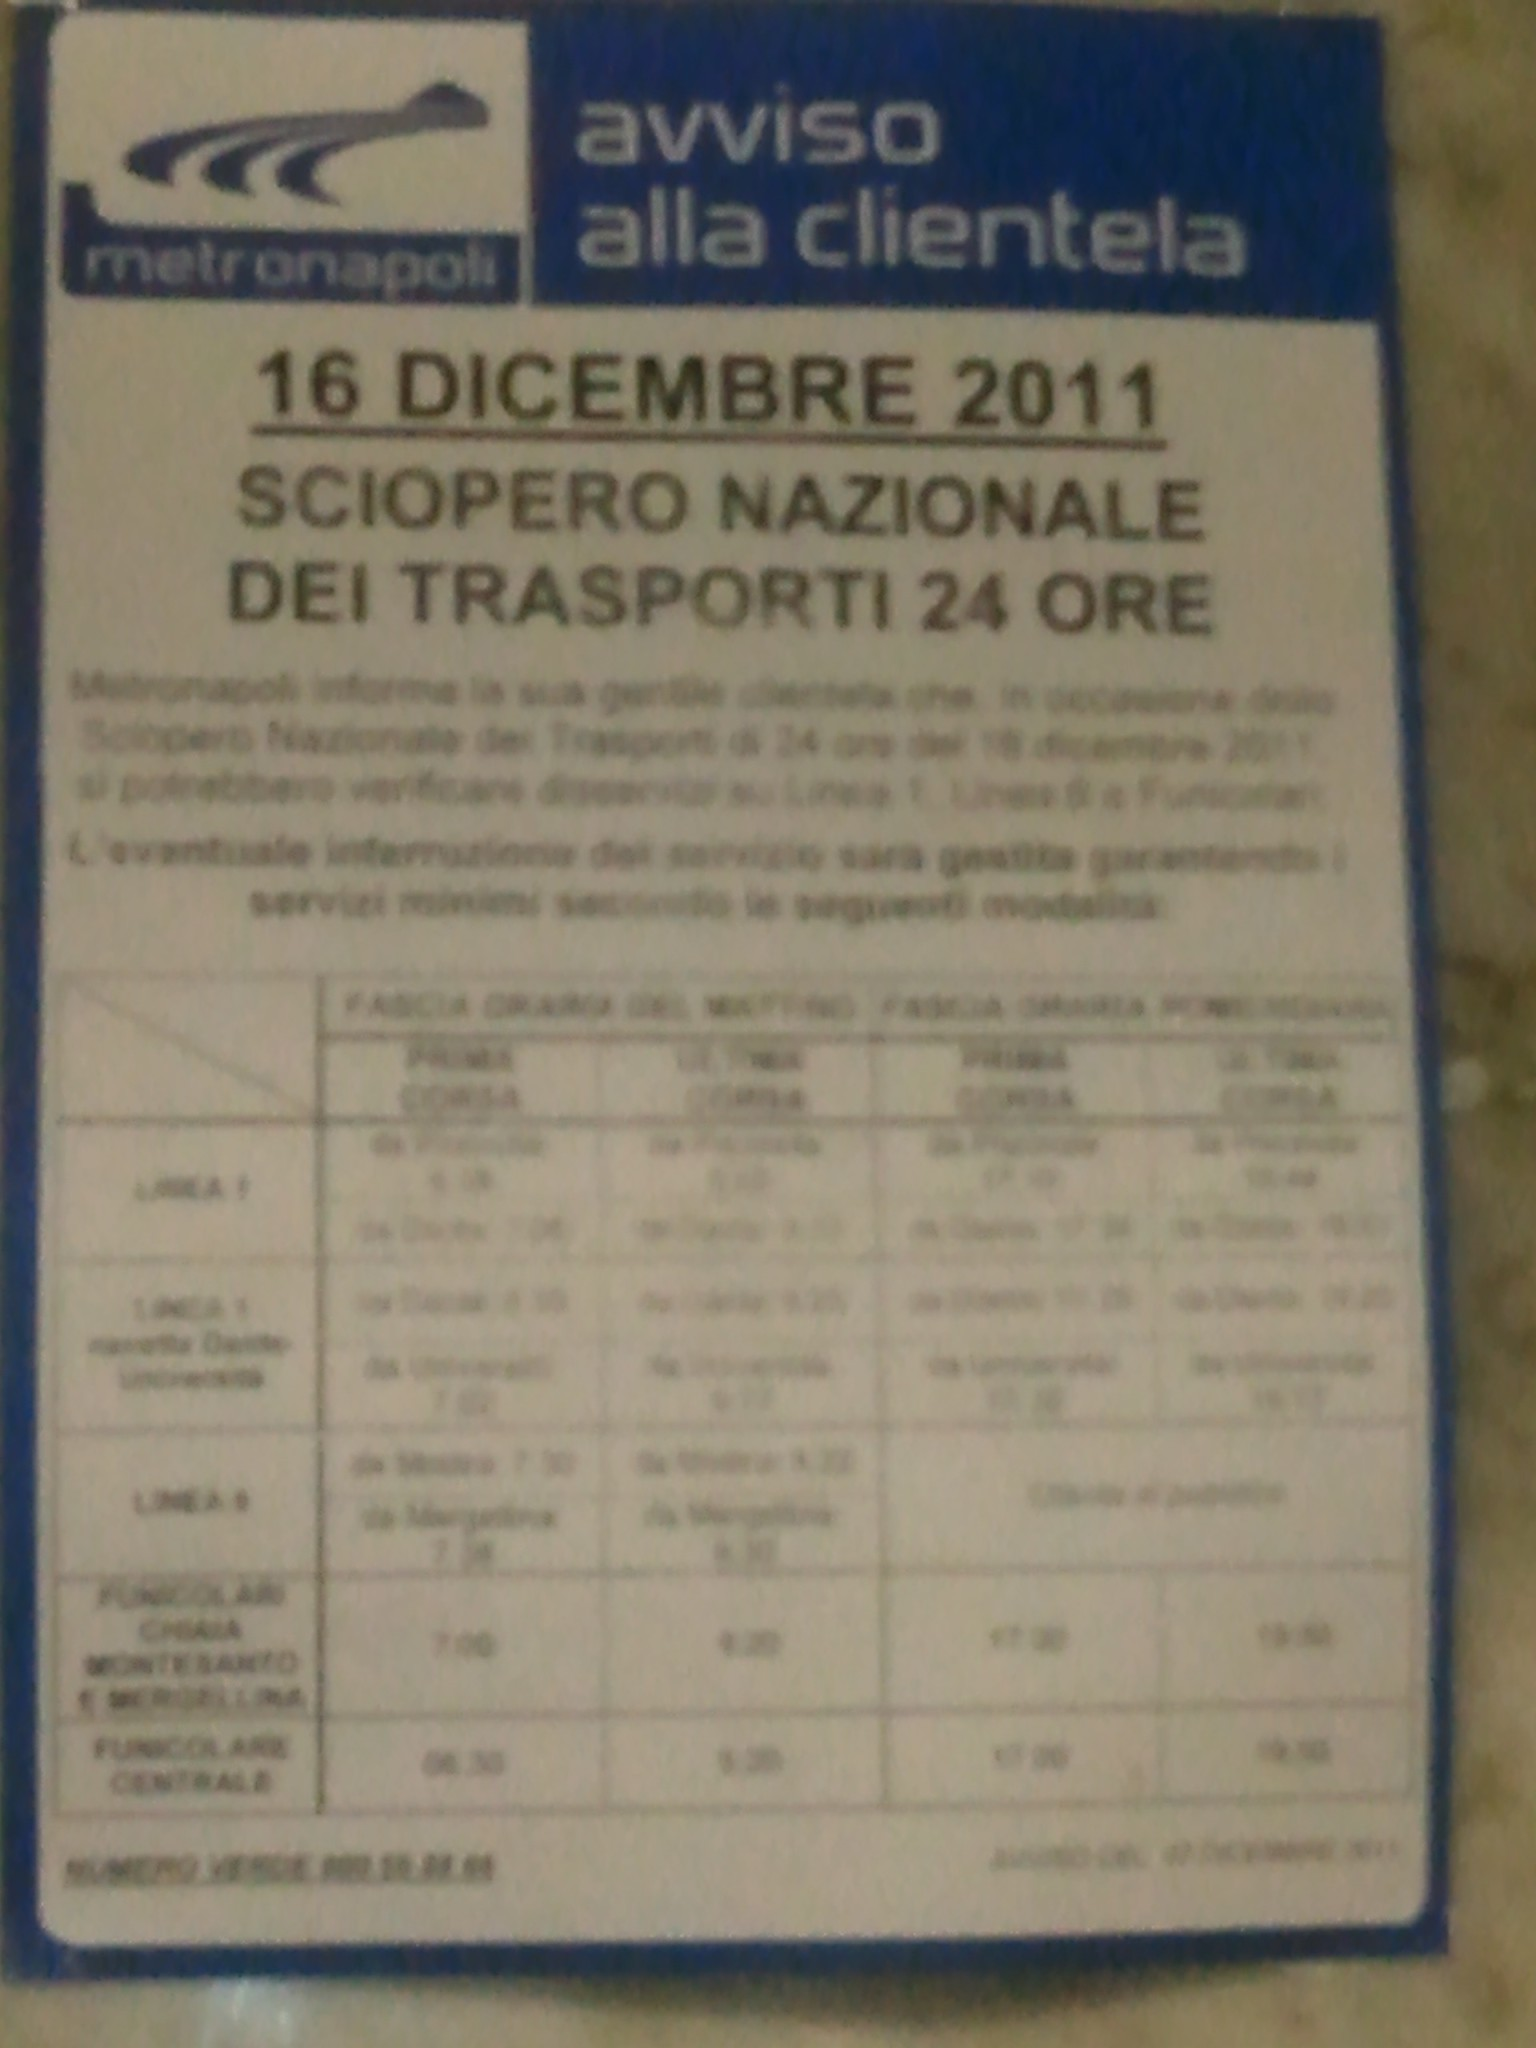 Sciopero metropolitana di Napoli del 16 dicembre 2011